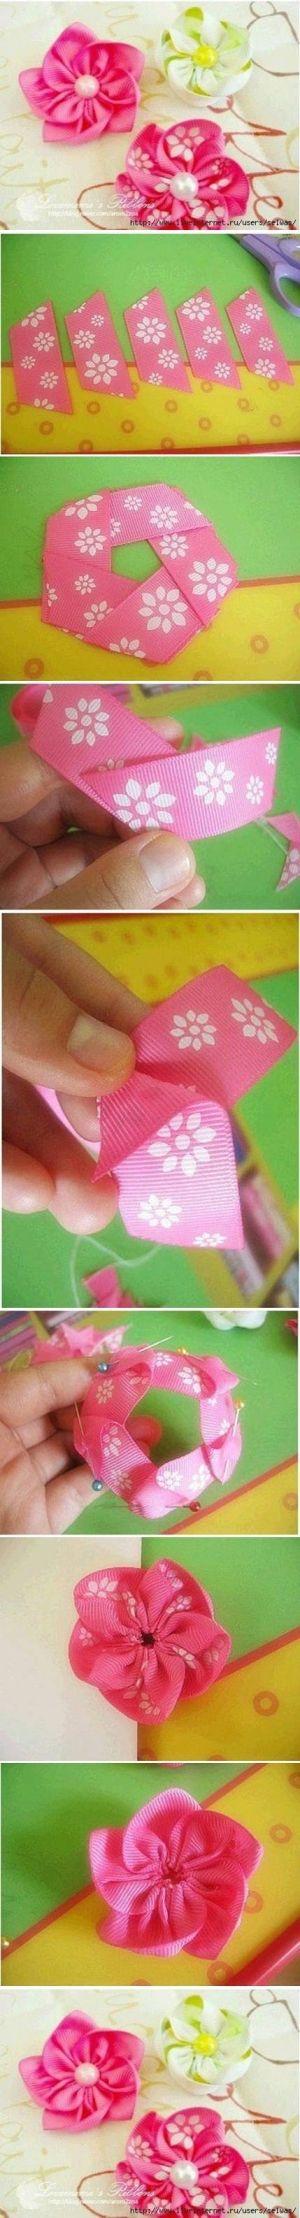 DIY Tape Flowers DIY Tape Flowers by diyforever